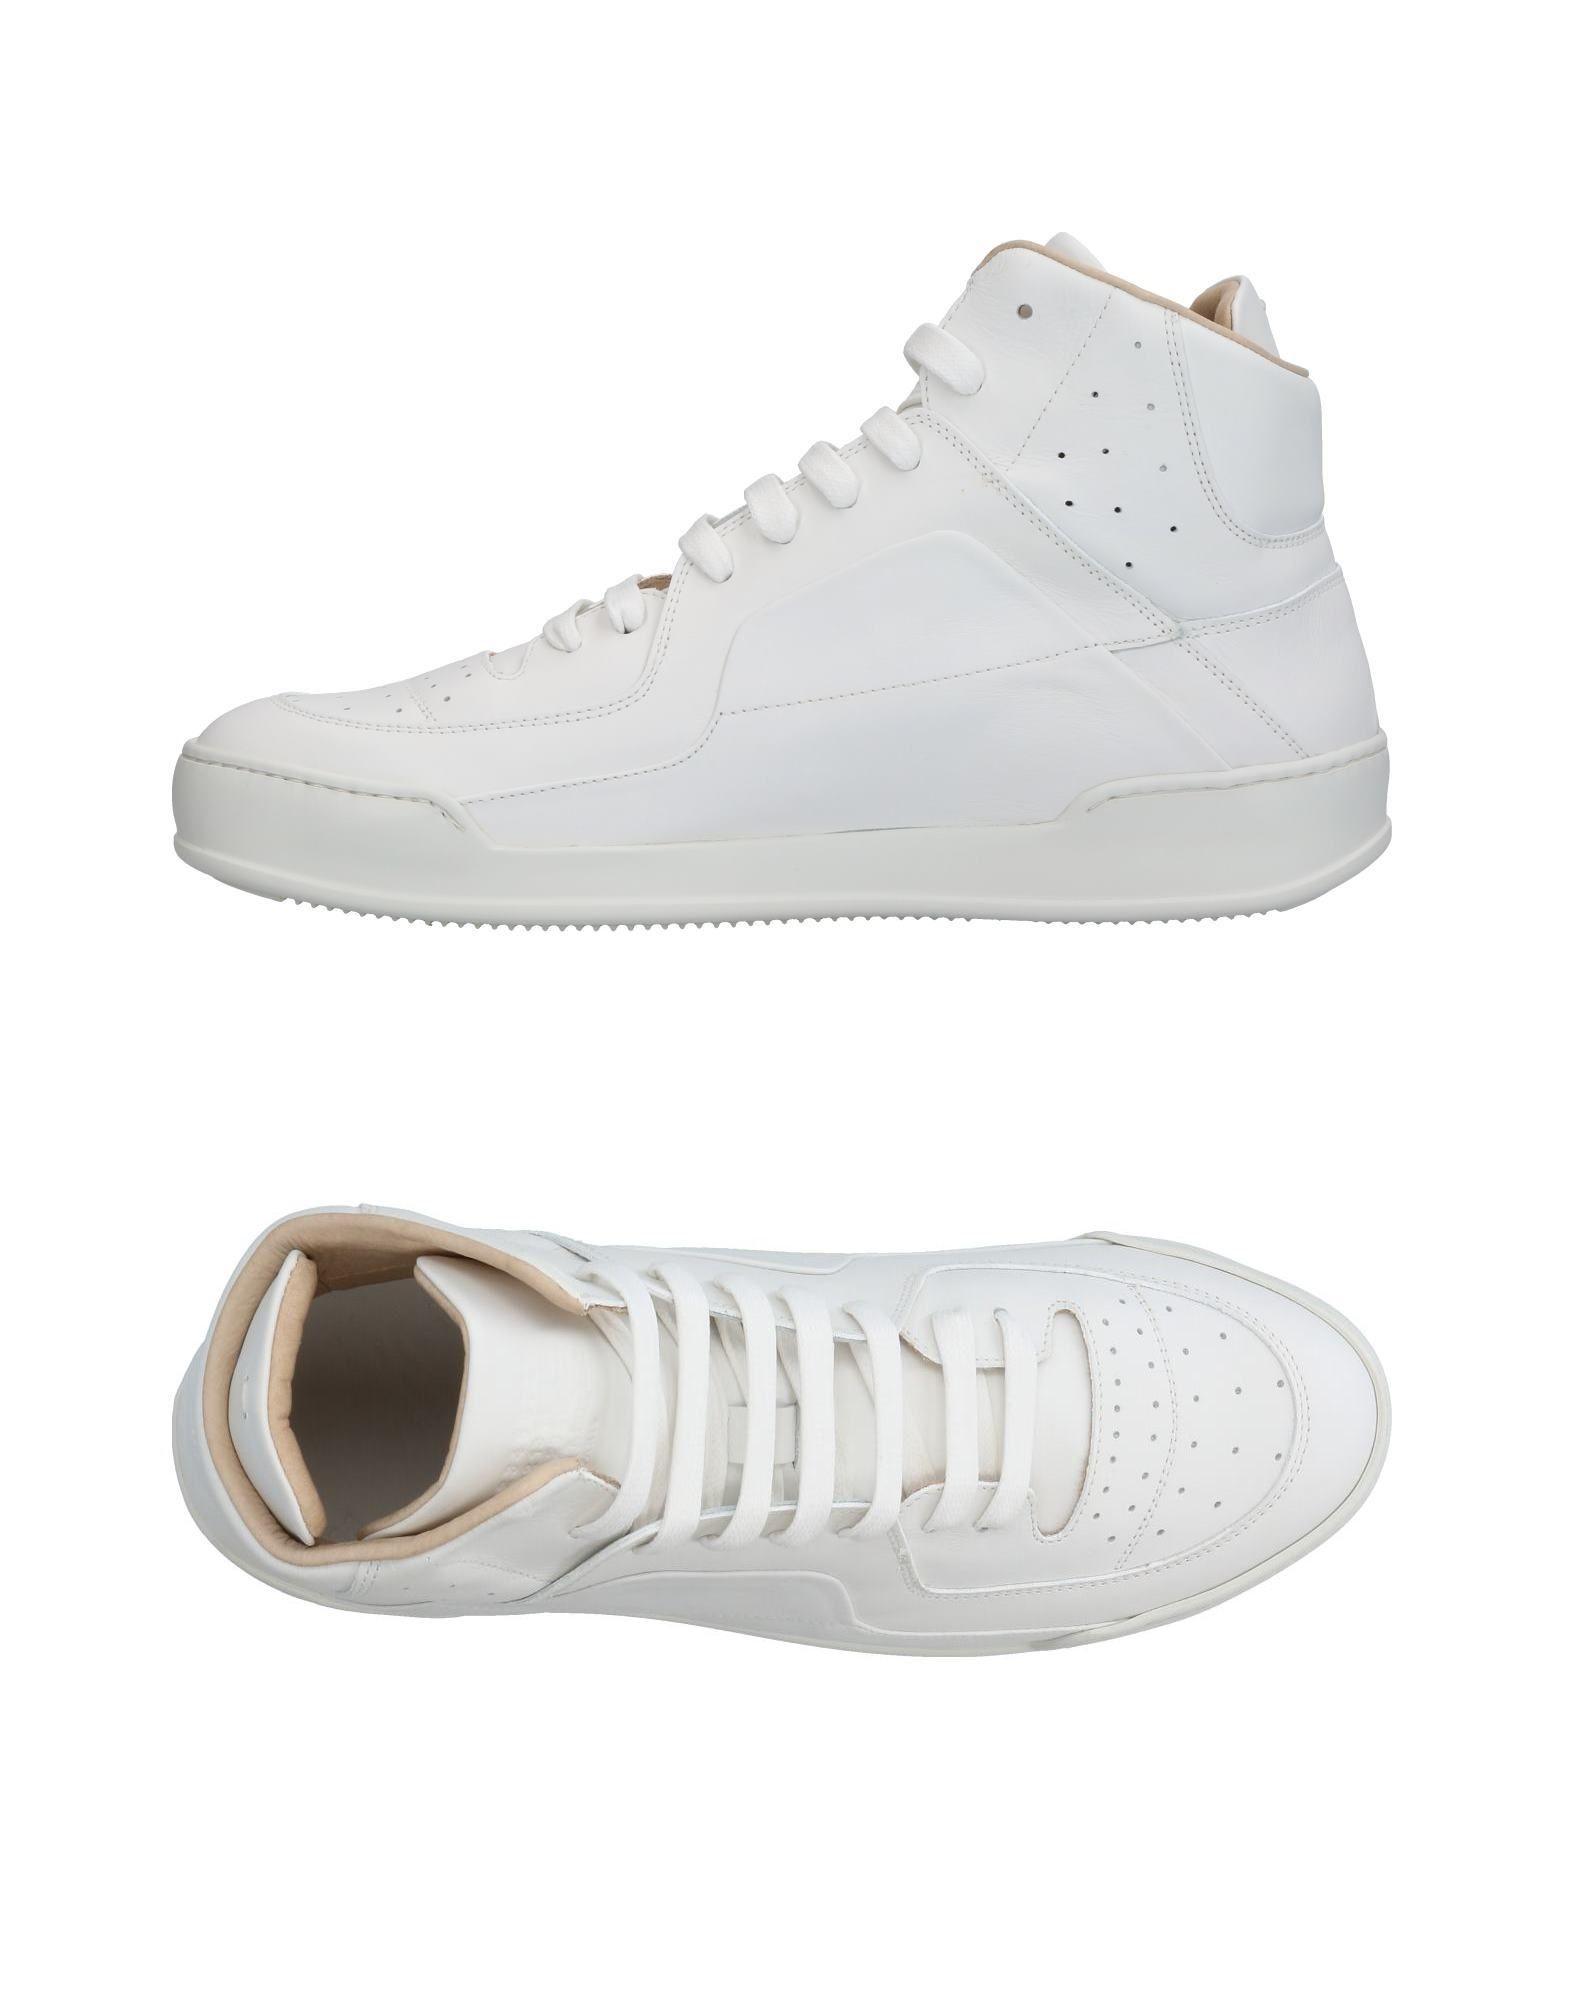 Maison Margiela Sneakers Herren  11341600FD